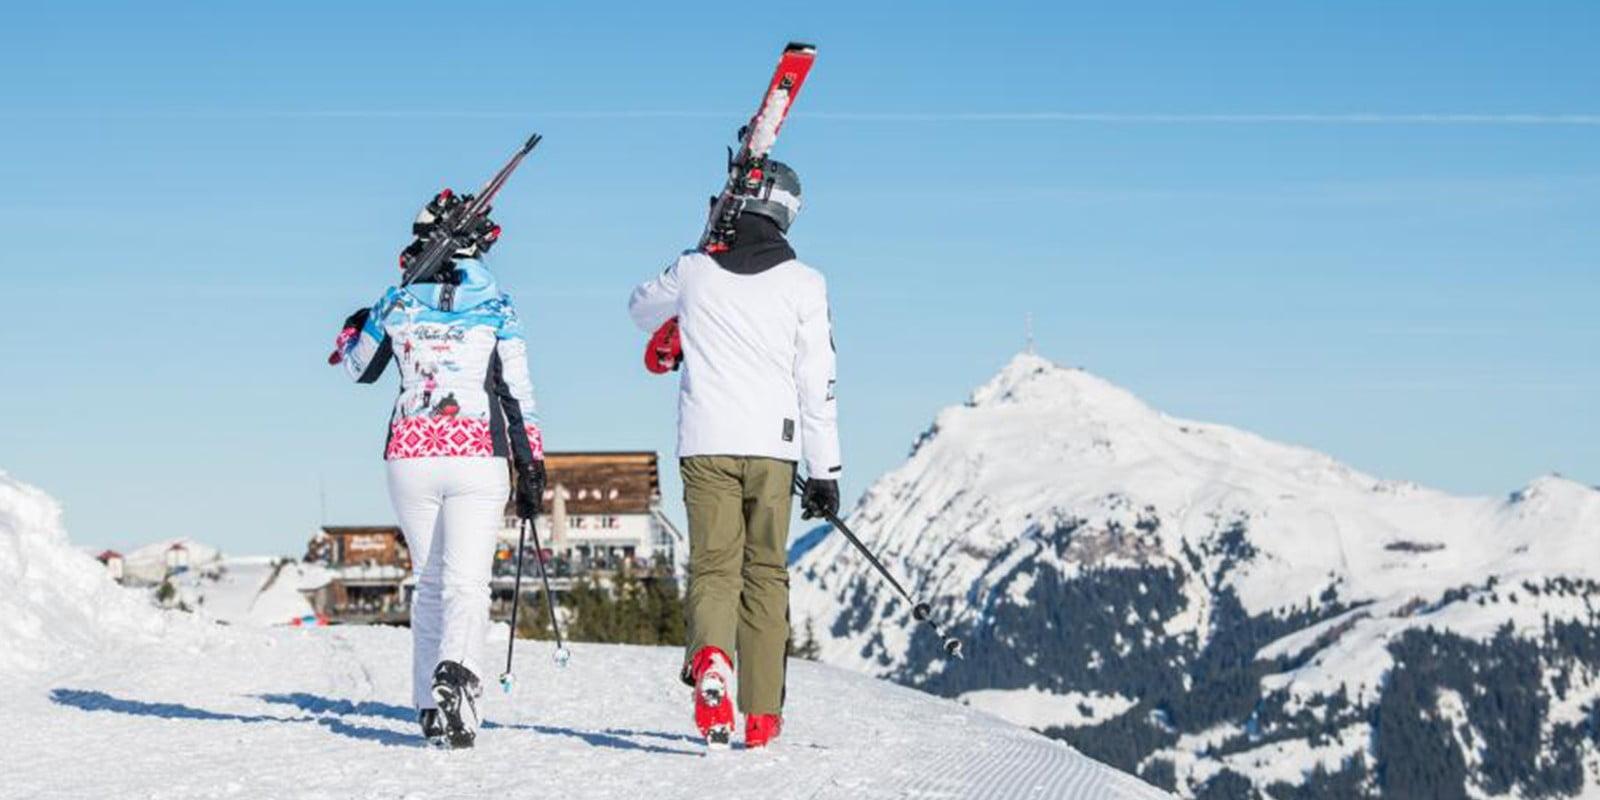 KitzSki ski's